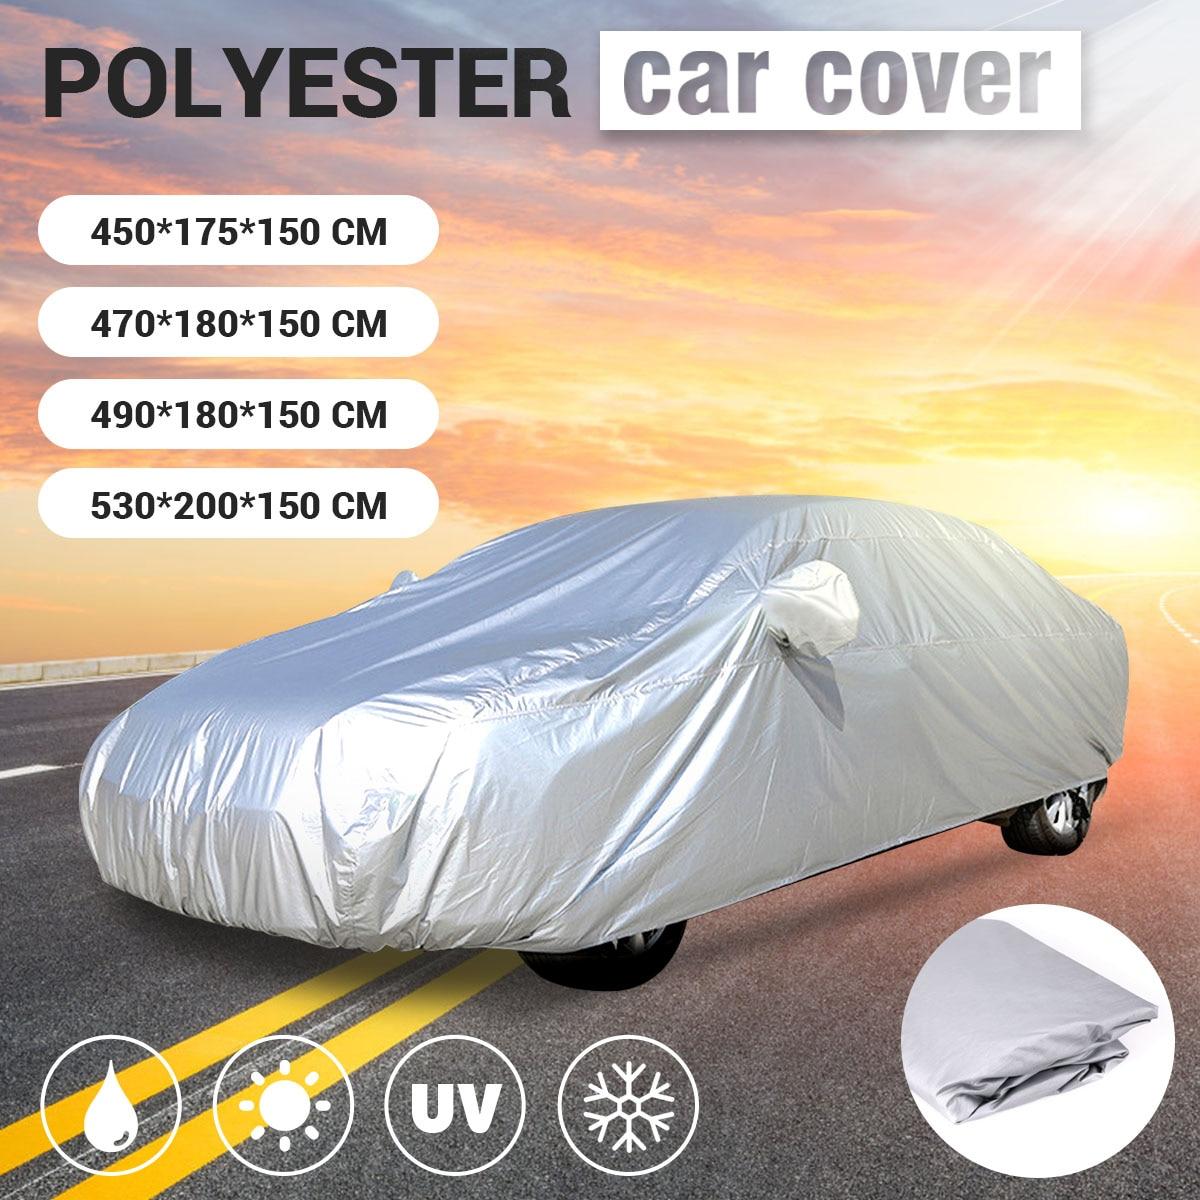 Универсальный 4 размера M L XL XXL серебристый чехол для автомобиля с защитой от УФ-дождя, стильный солнцезащитный козырек, защита от тепла, защи...